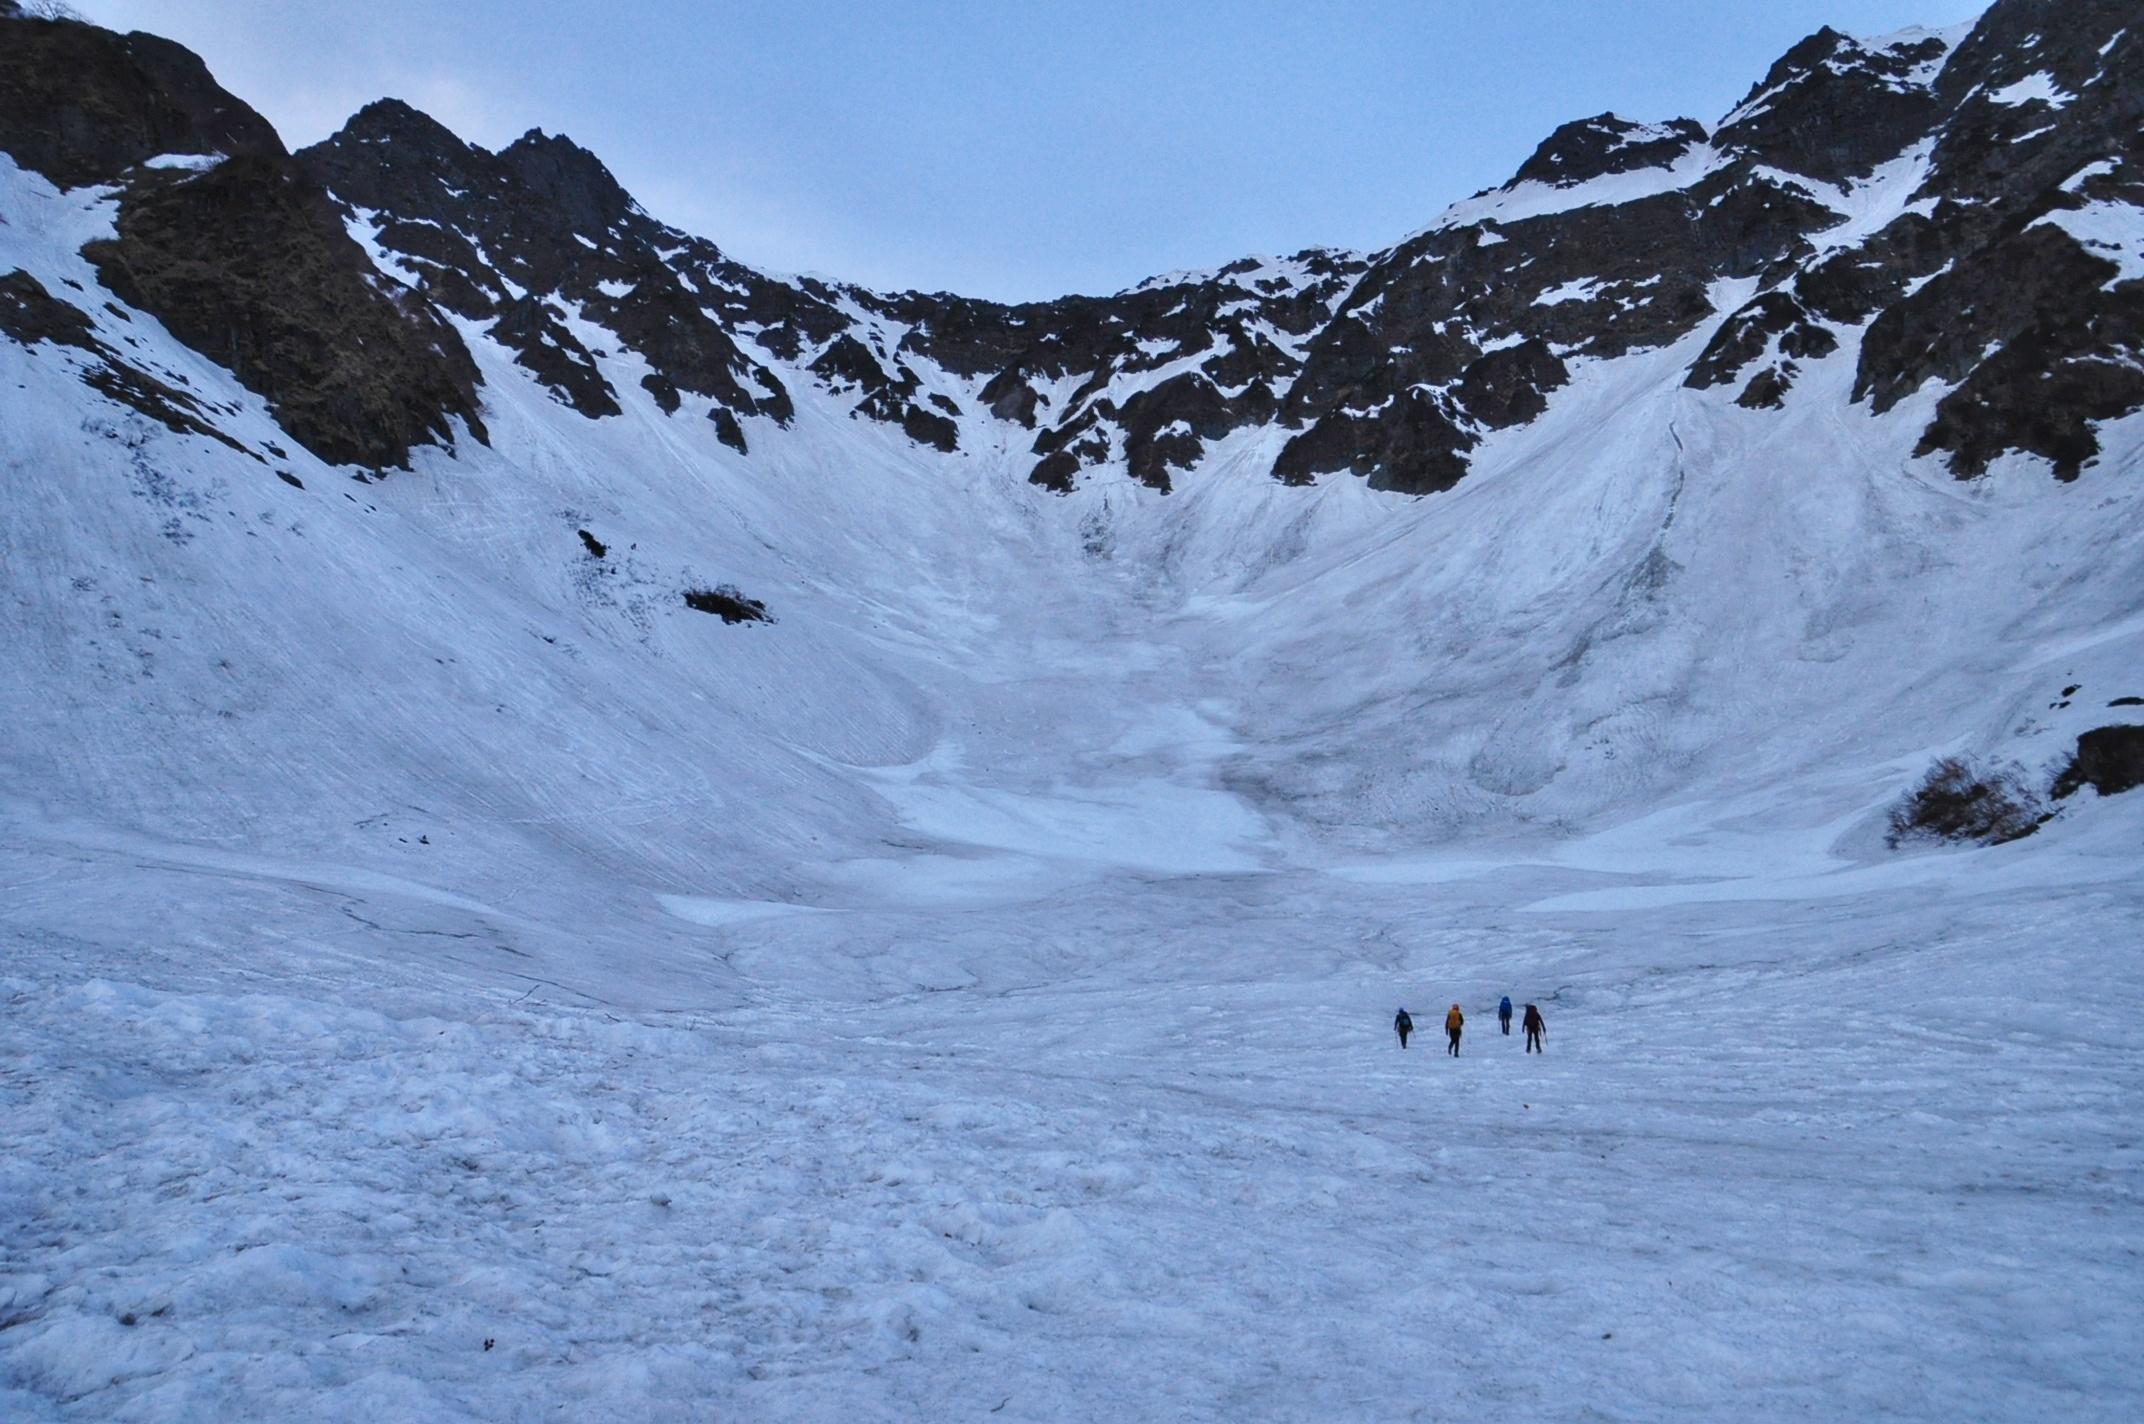 20涸沢残雪期テント泊